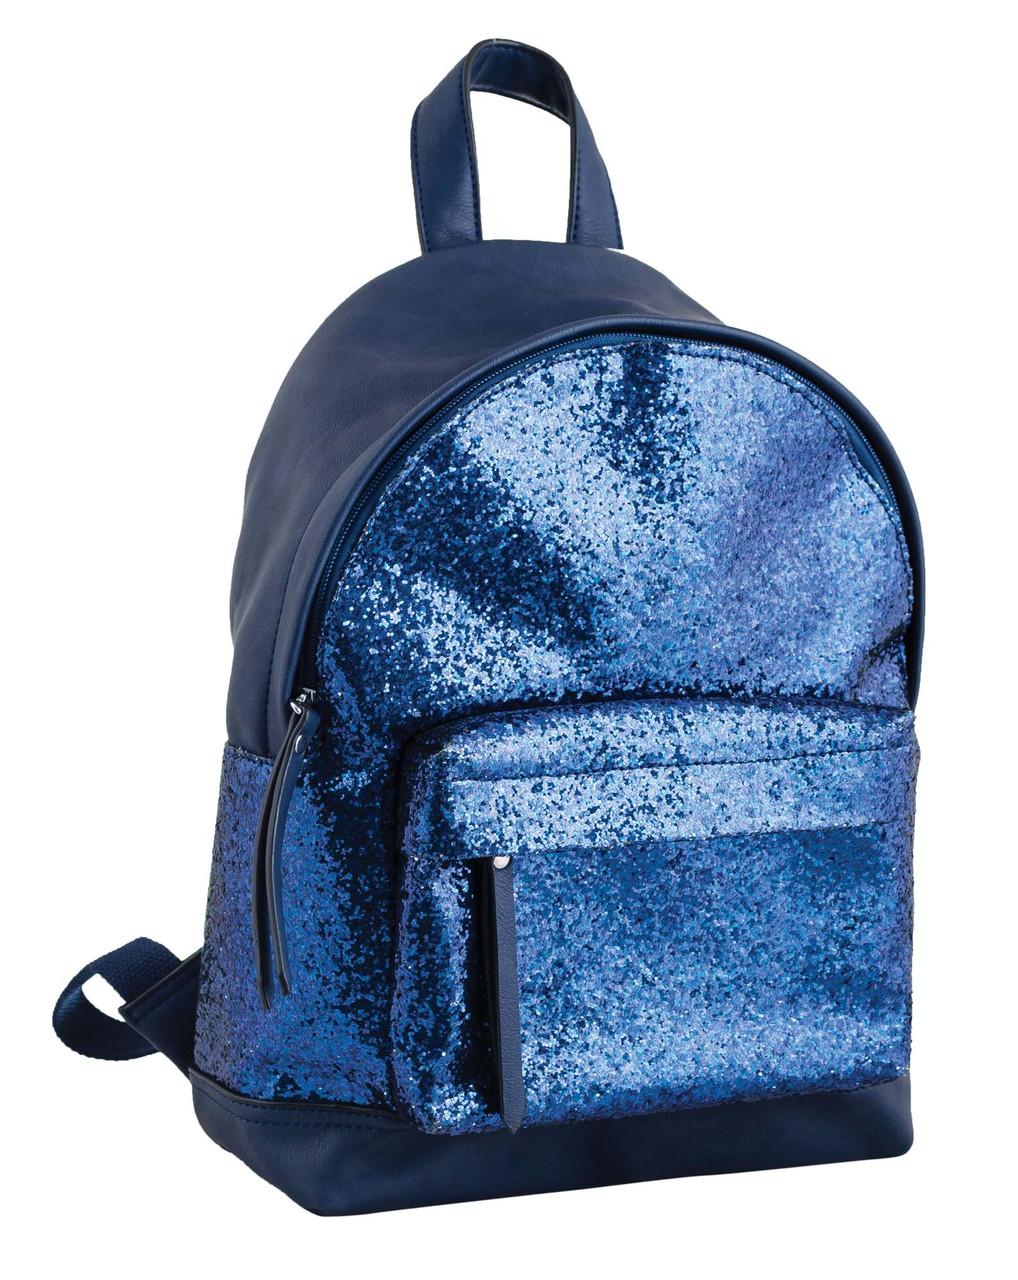 e8a22b4b06a Сумка-рюкзак Yes Weekend синий 553290 YES, YES, 690,51 грн.: цена в ...